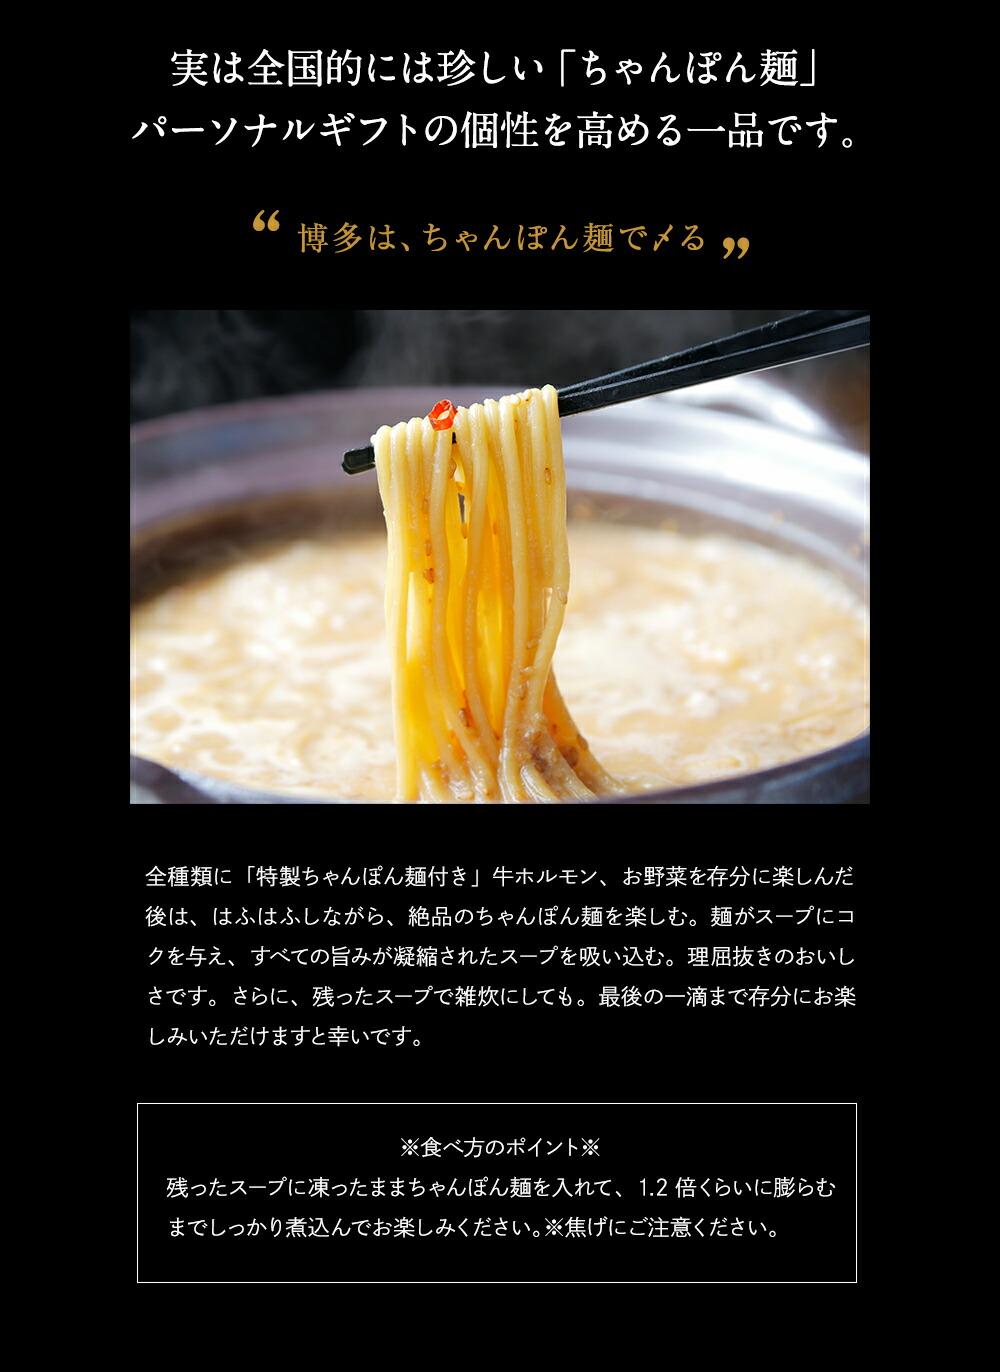 博多もつ鍋明太あごだし醤油味の説明